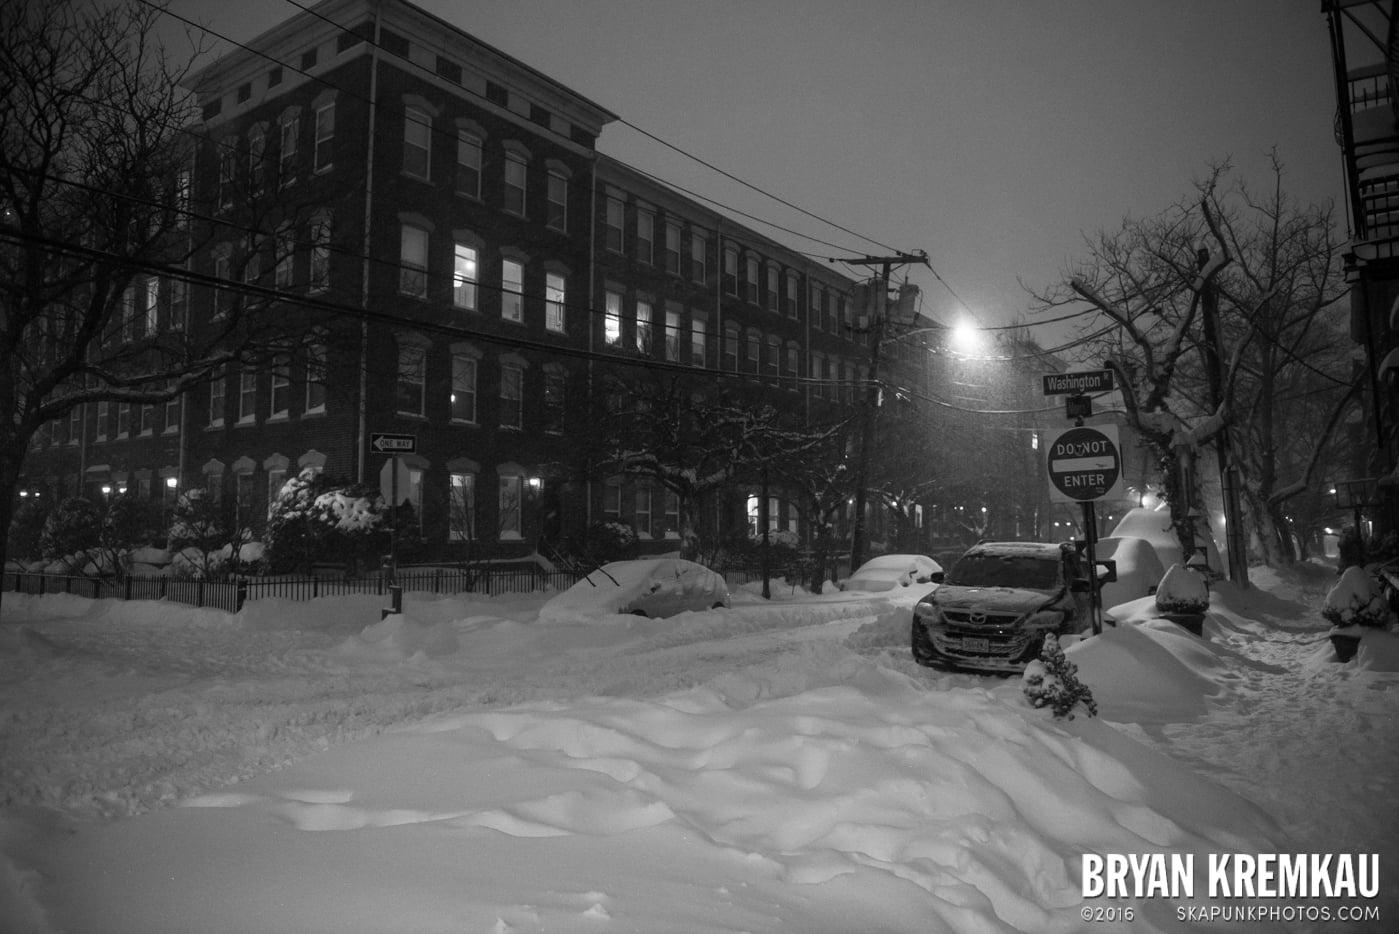 Blizzard 2016 in Jersey City, NJ - 1.23.16 (18)